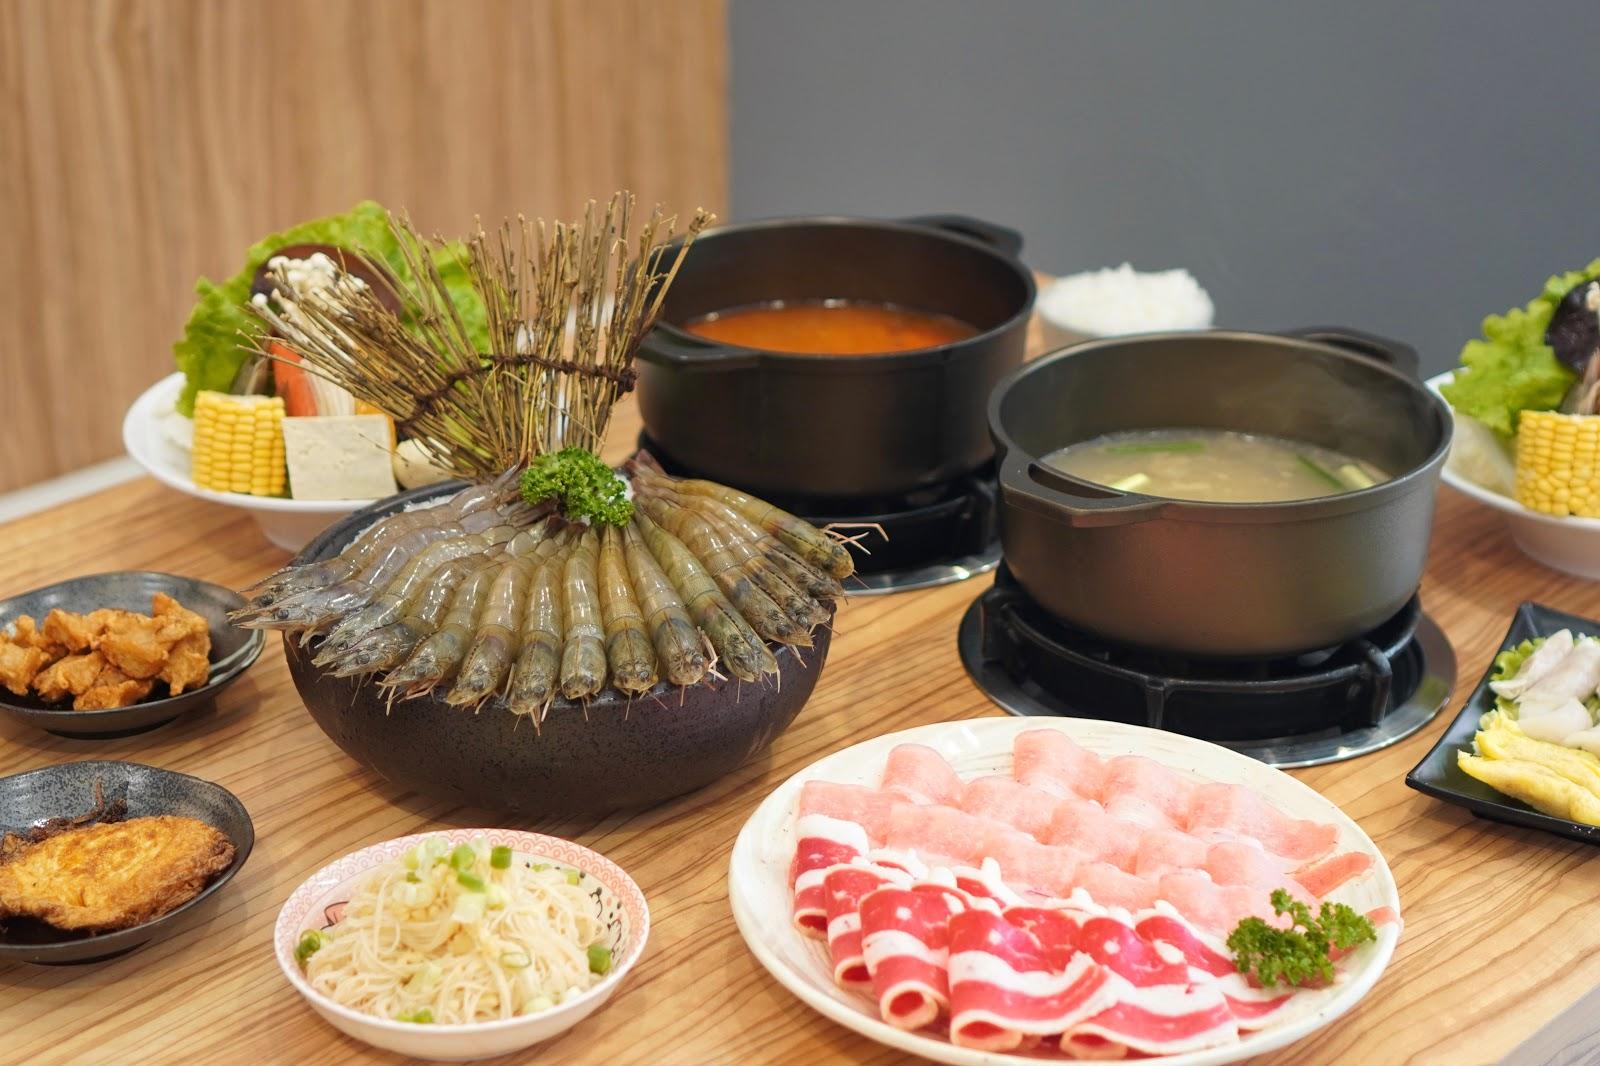 台南中西區美食【小蔡什鍋】餐點介紹